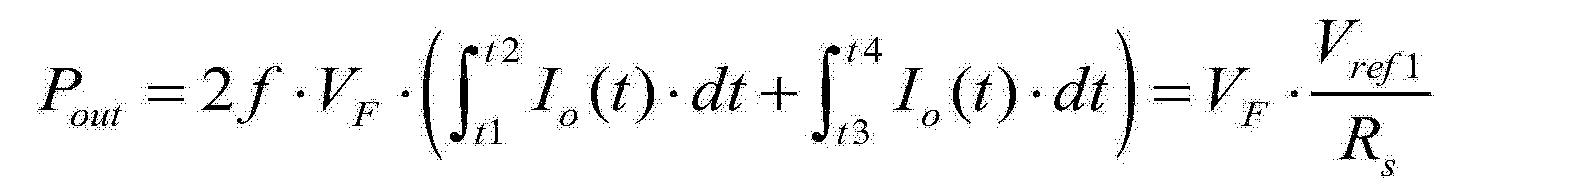 Figure CN103491682BD00084